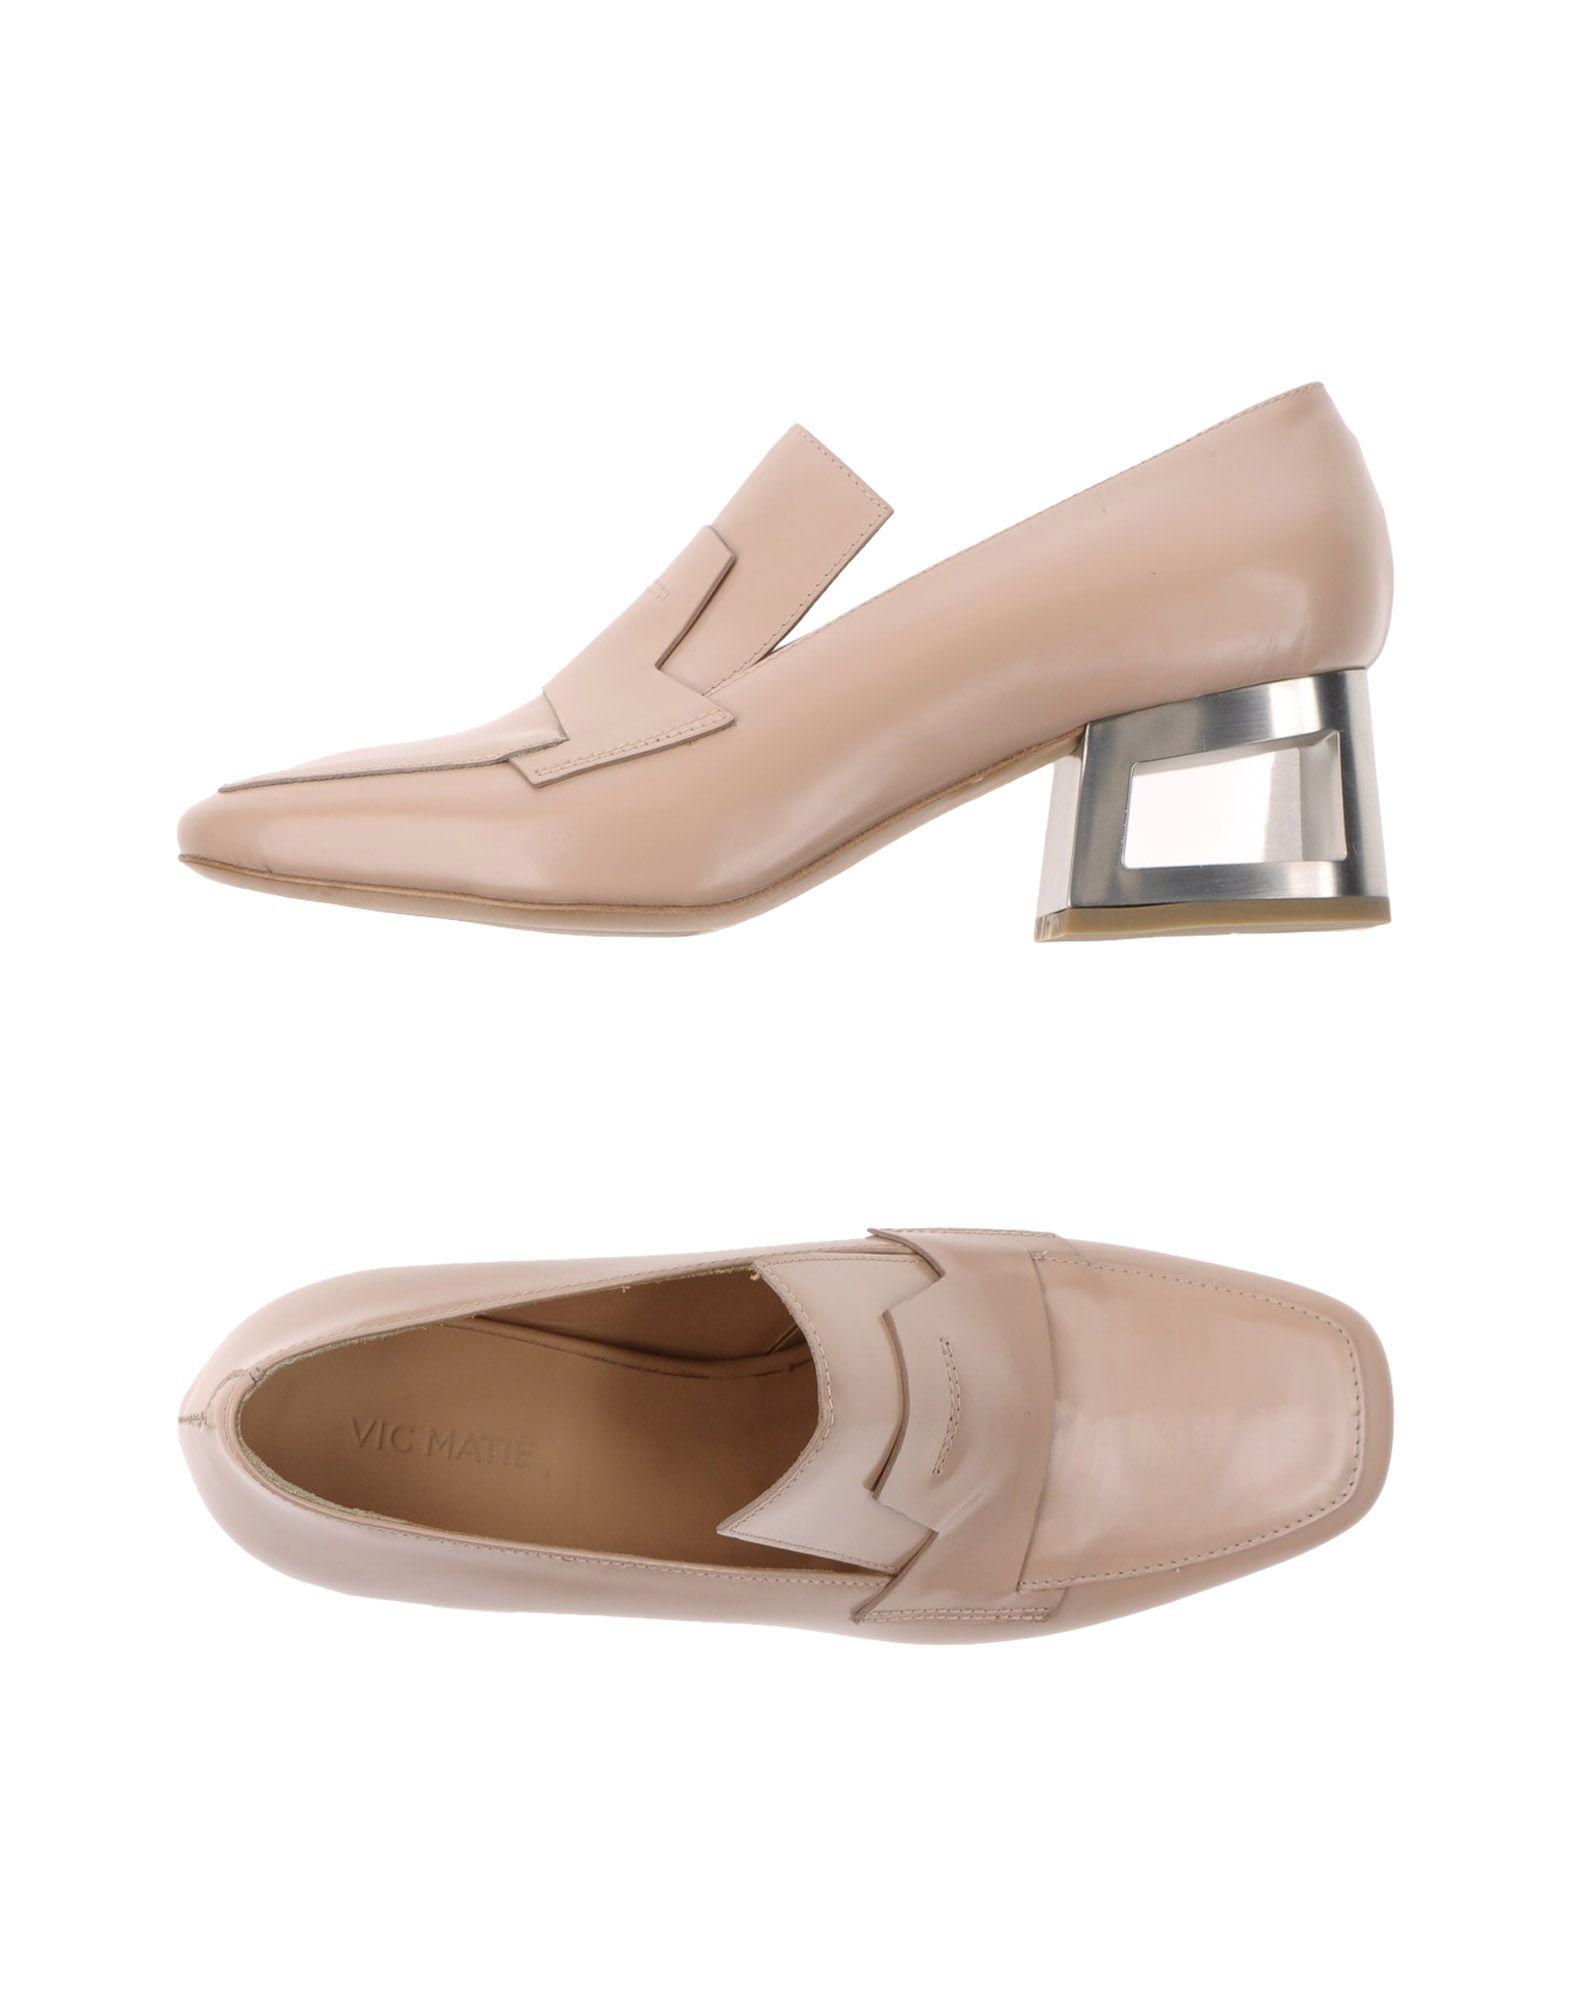 Vic Matiē Mokassins Schuhe Damen  11357494DN Gute Qualität beliebte Schuhe Mokassins a8815b